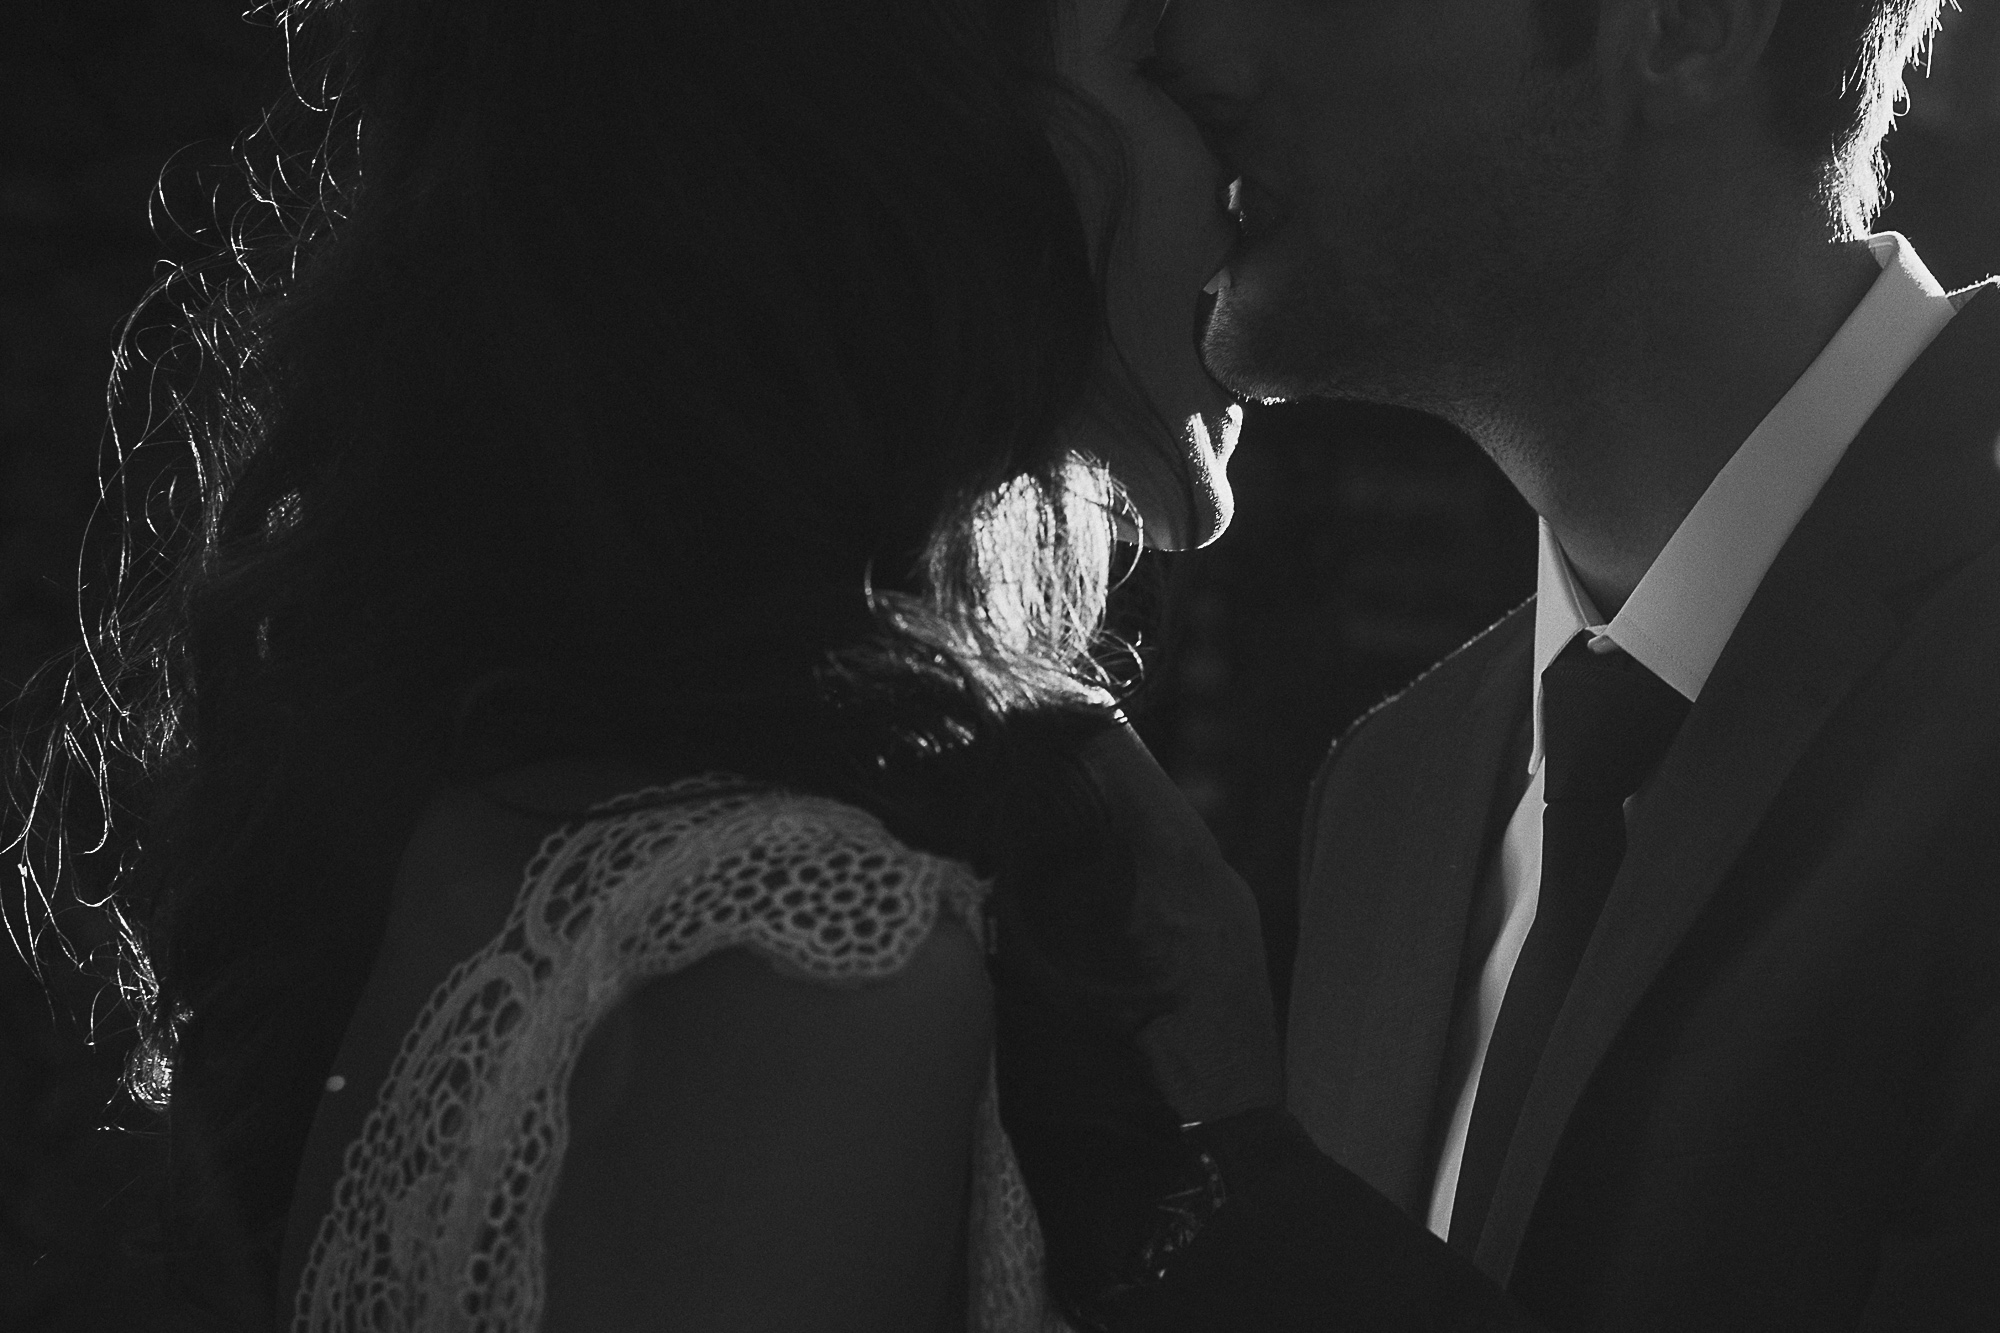 boda-vero-matias-chile-fotografo-de-bodas-a-destino-gabriel-roa-15